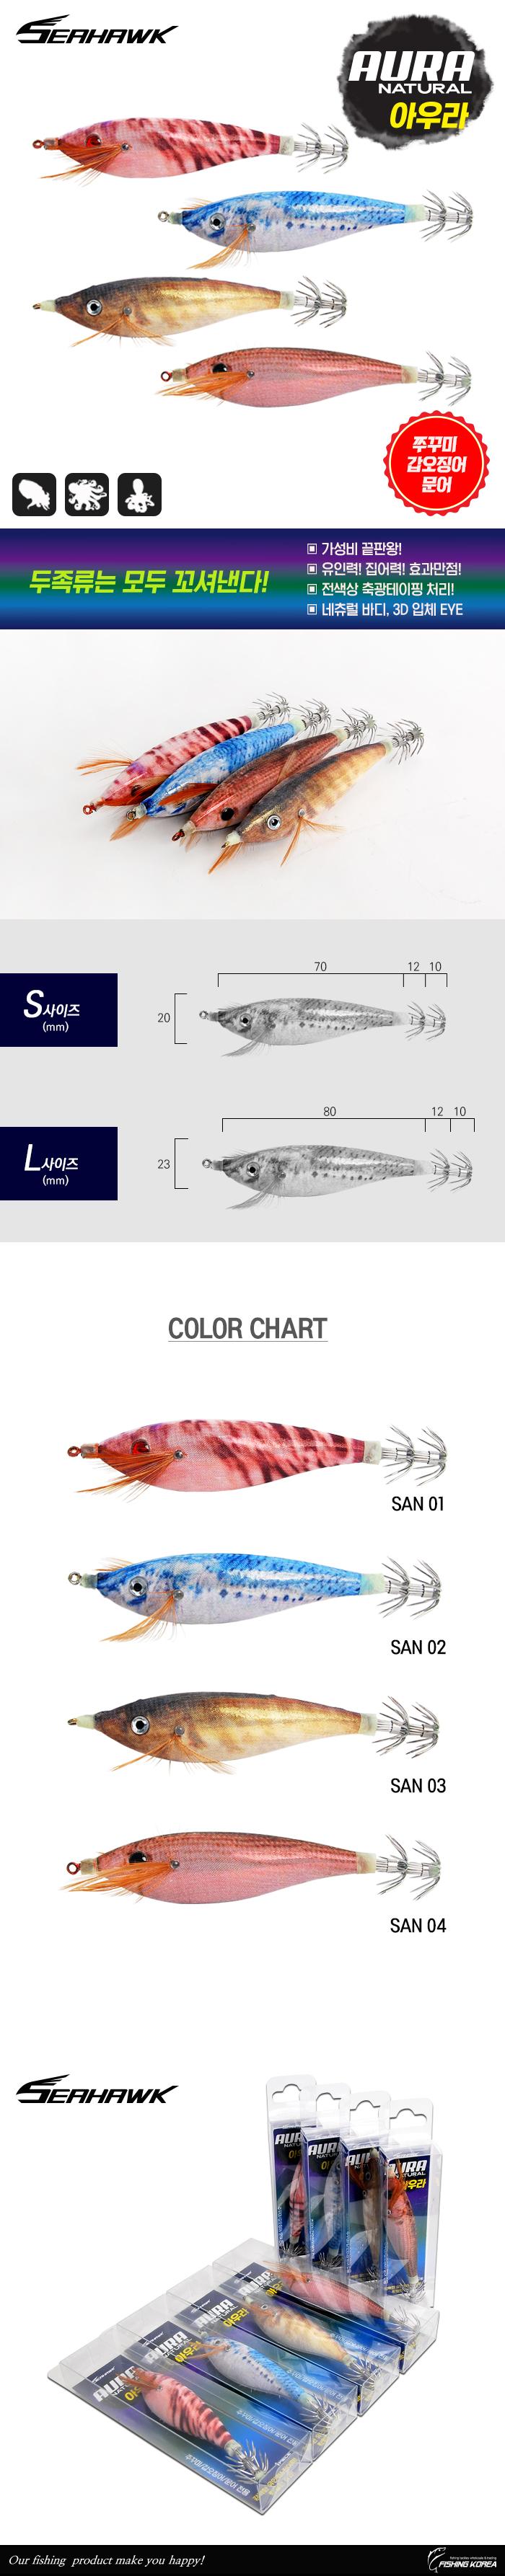 씨호크 아우라 네츄럴 에기 문어 쭈꾸미 갑오징어 쭈꾸미슷테 문어슷테 한치슷테 문어에기 한치에기 쭈꾸미에기 내추럴에기